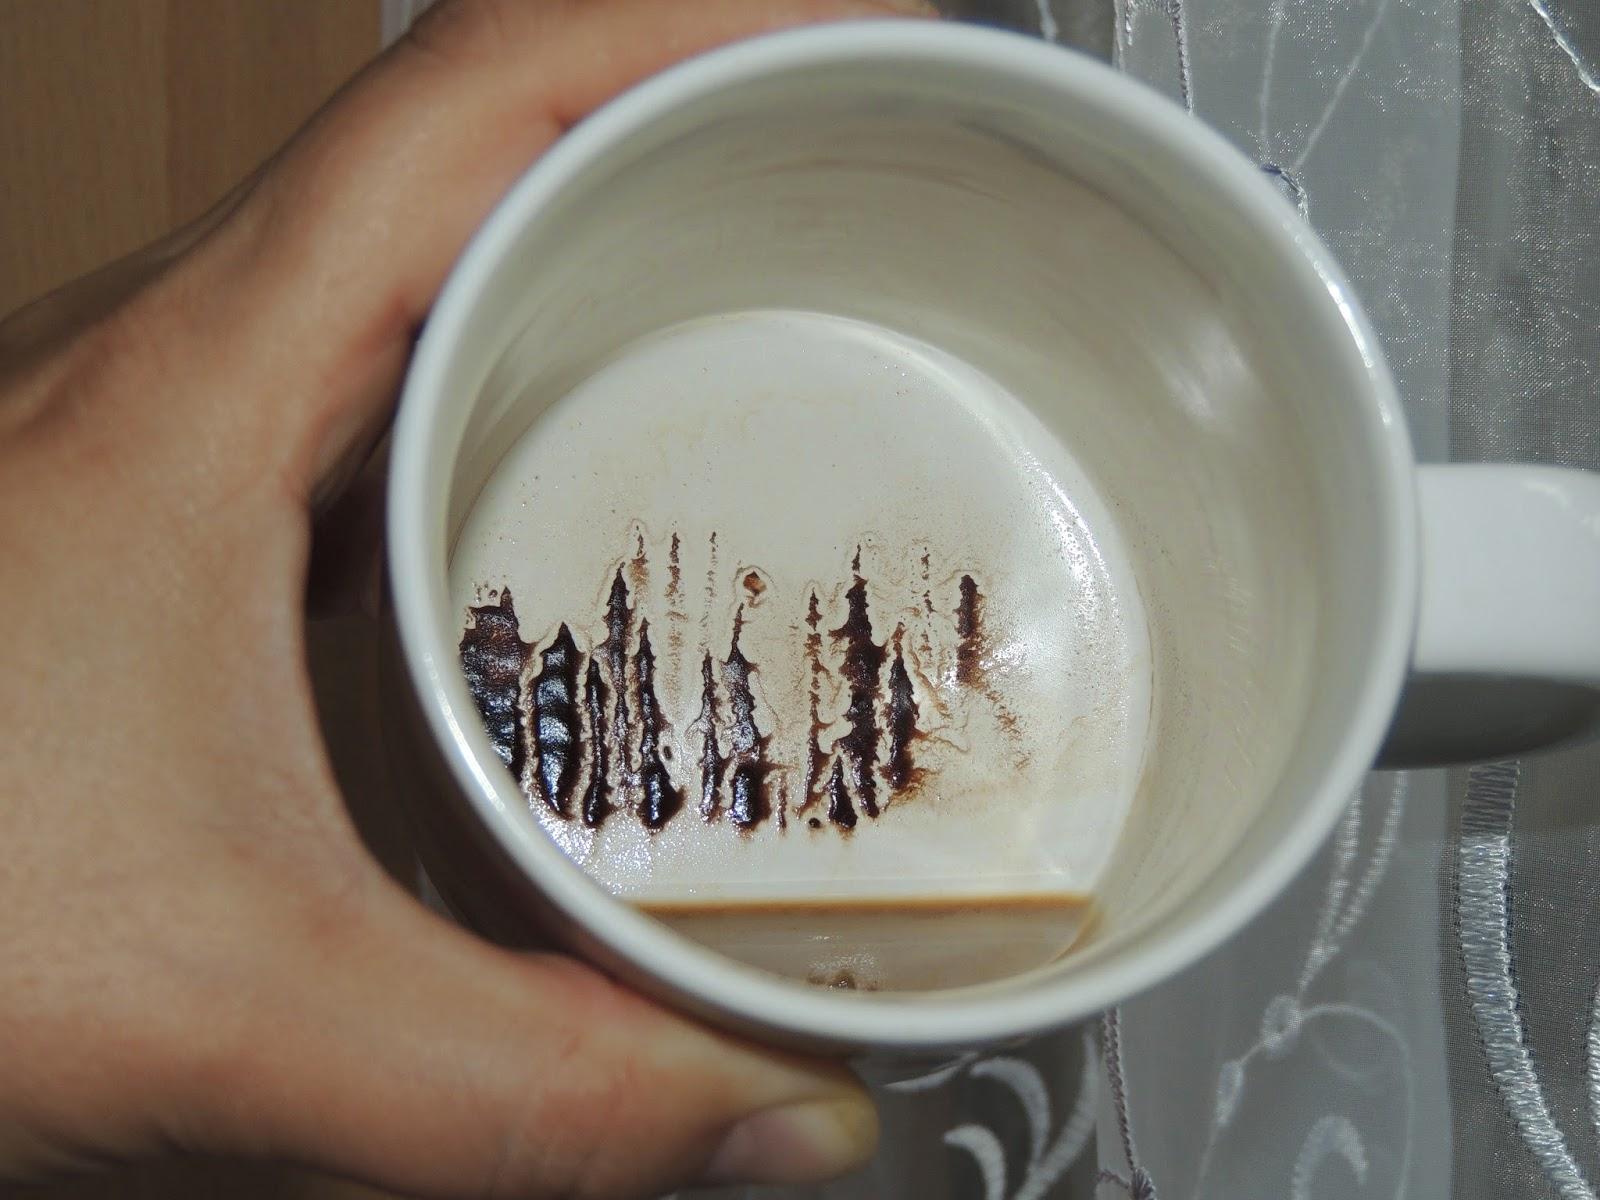 картинки в чашке от гадания на кофейной гуще представляет